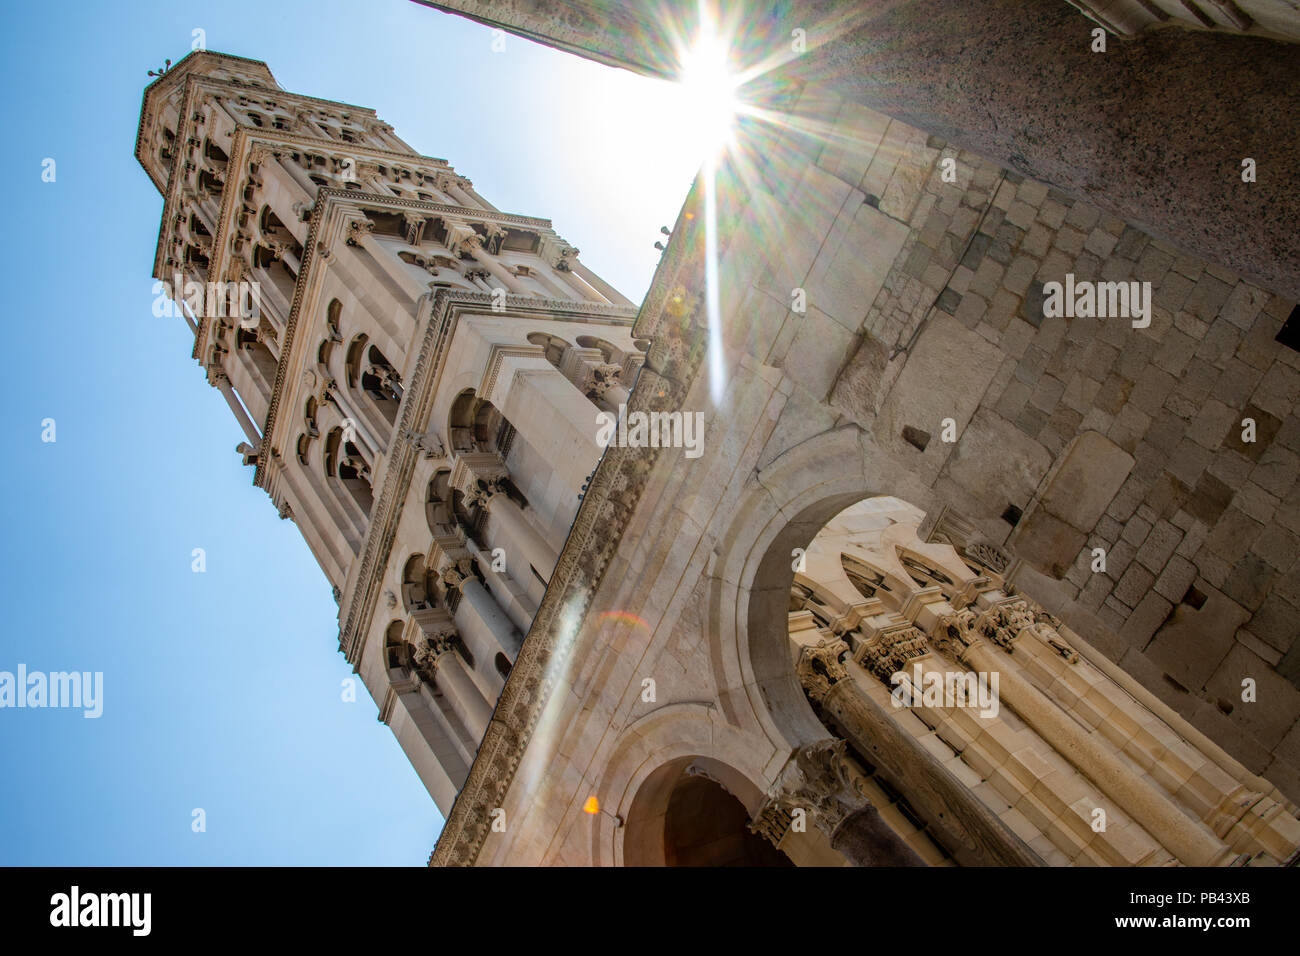 Cattedrale di San Domnio e torre campanaria, Split, il centro storico di Spalato, Croazia Immagini Stock